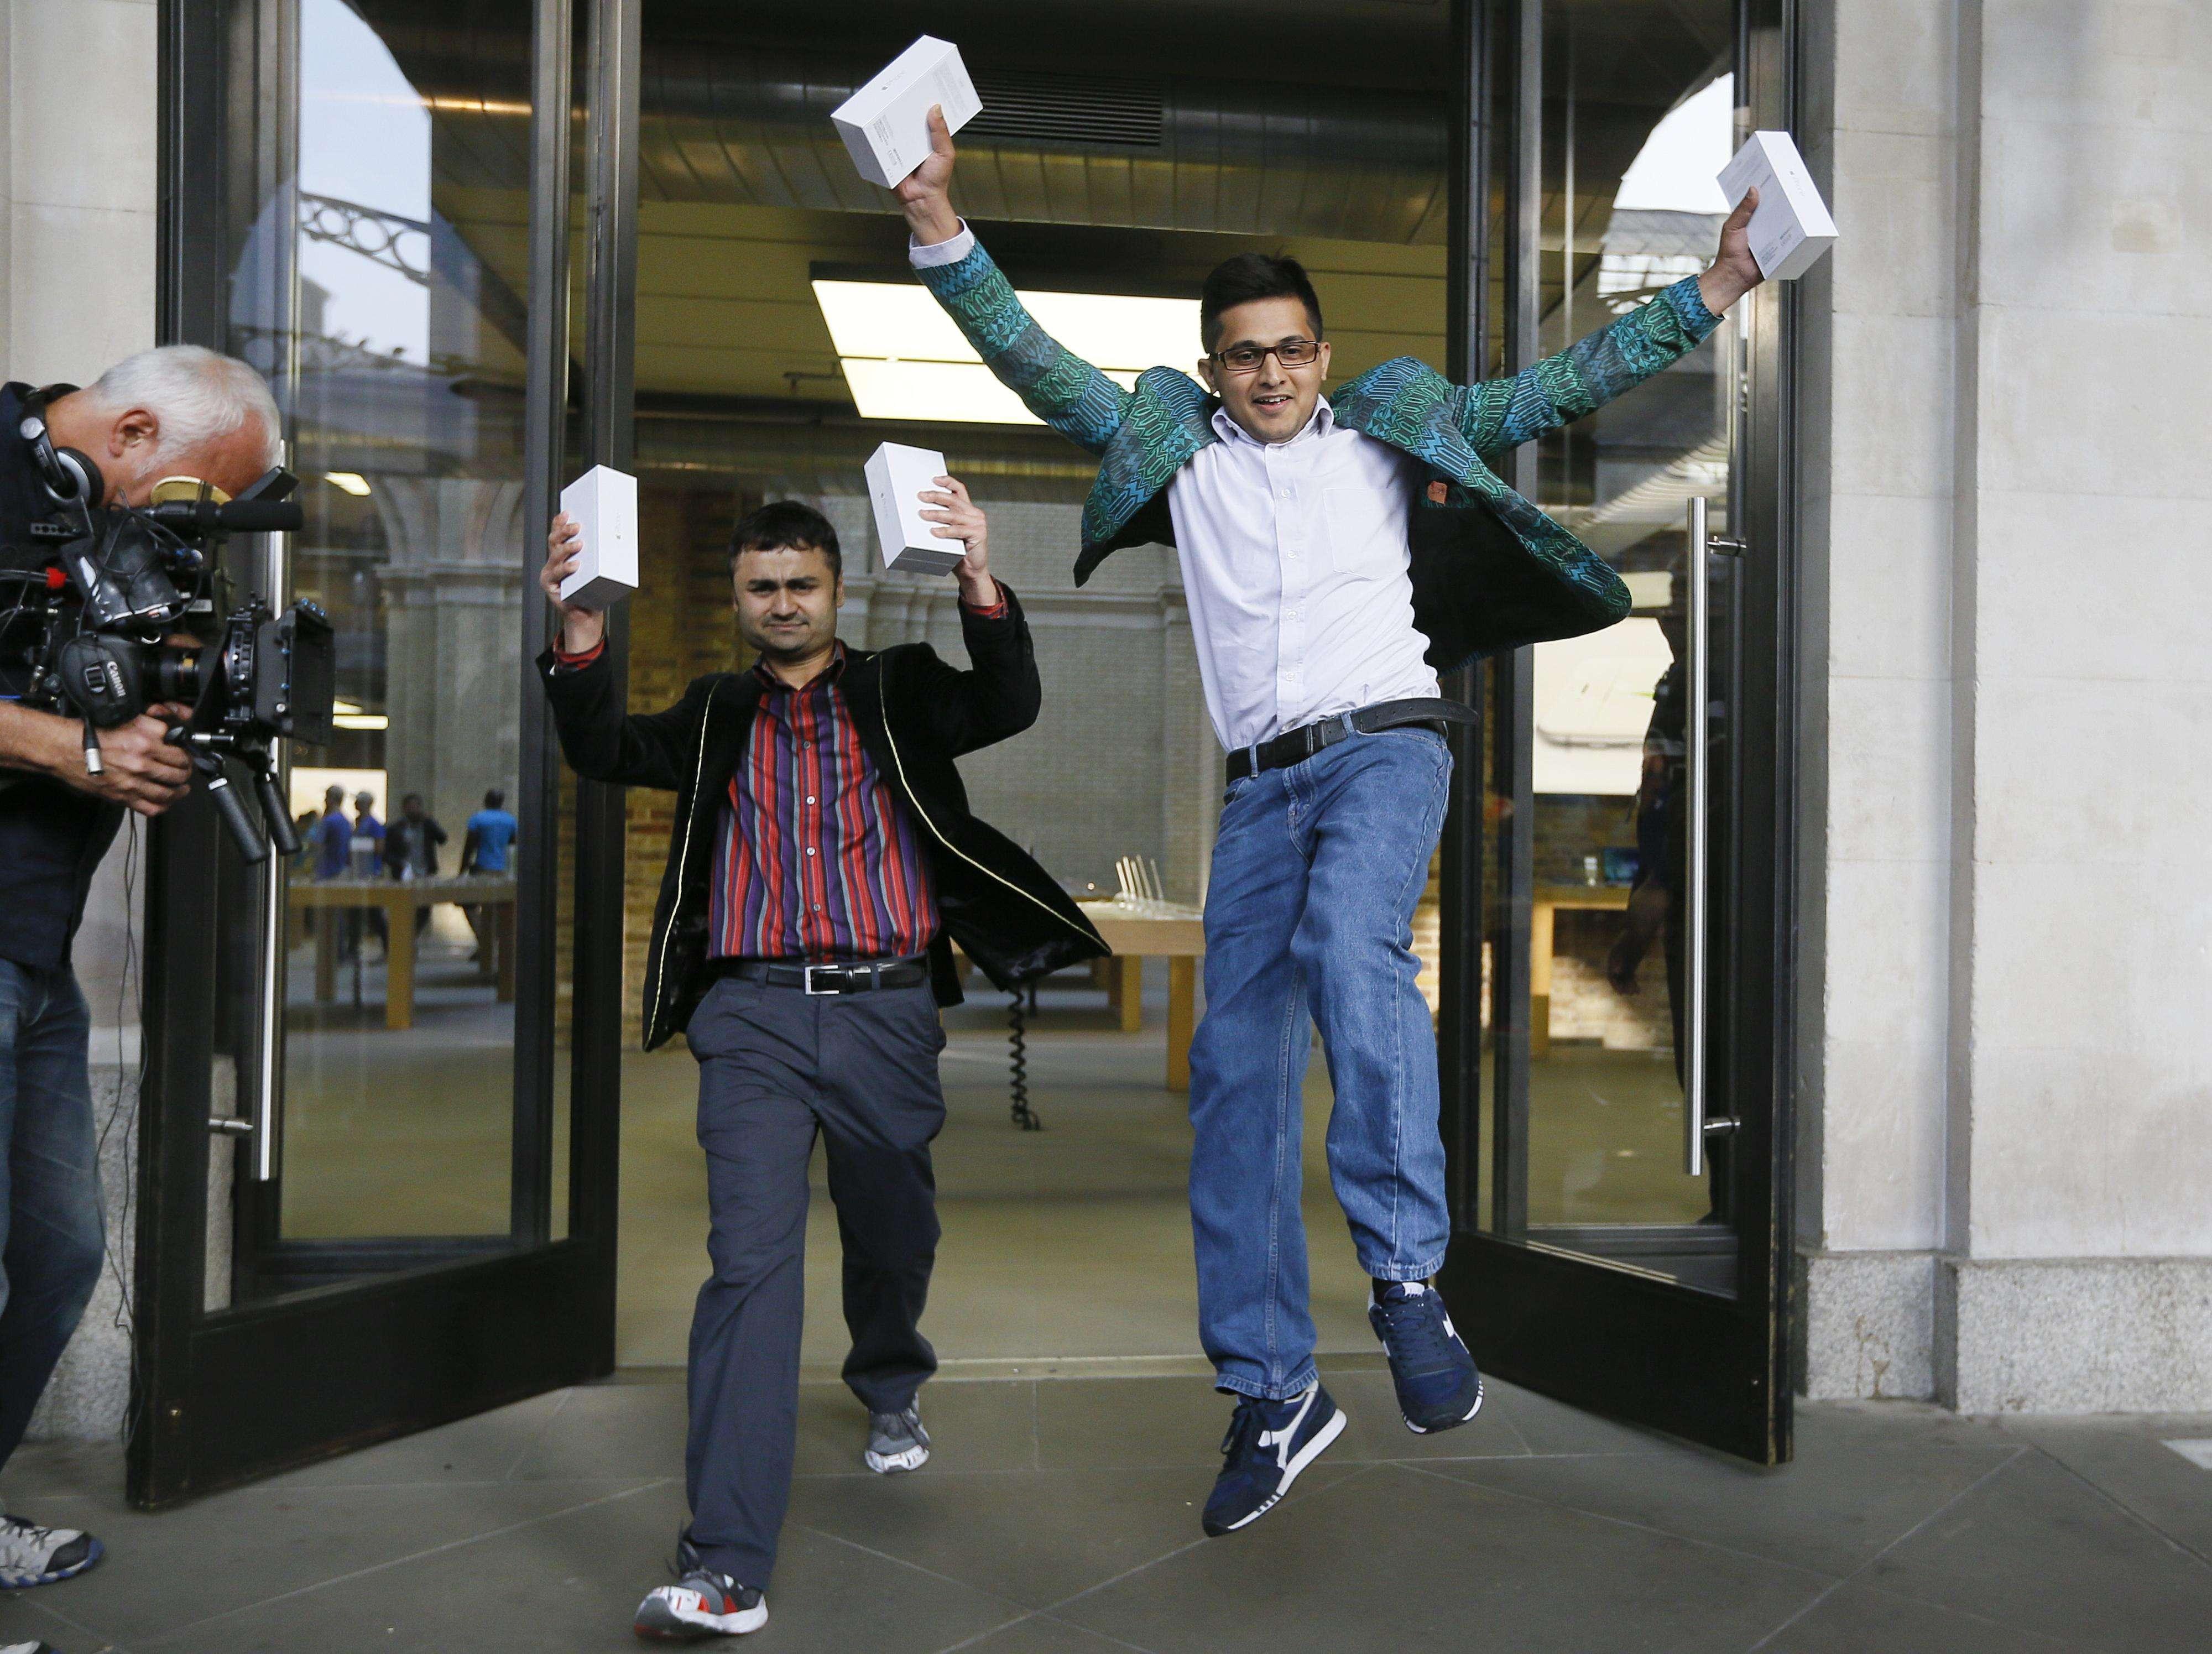 Los primeros compradores salen de una tienda Apple, en Londres, este viernes 19 de septiembre de 2014. Foto: AP en español